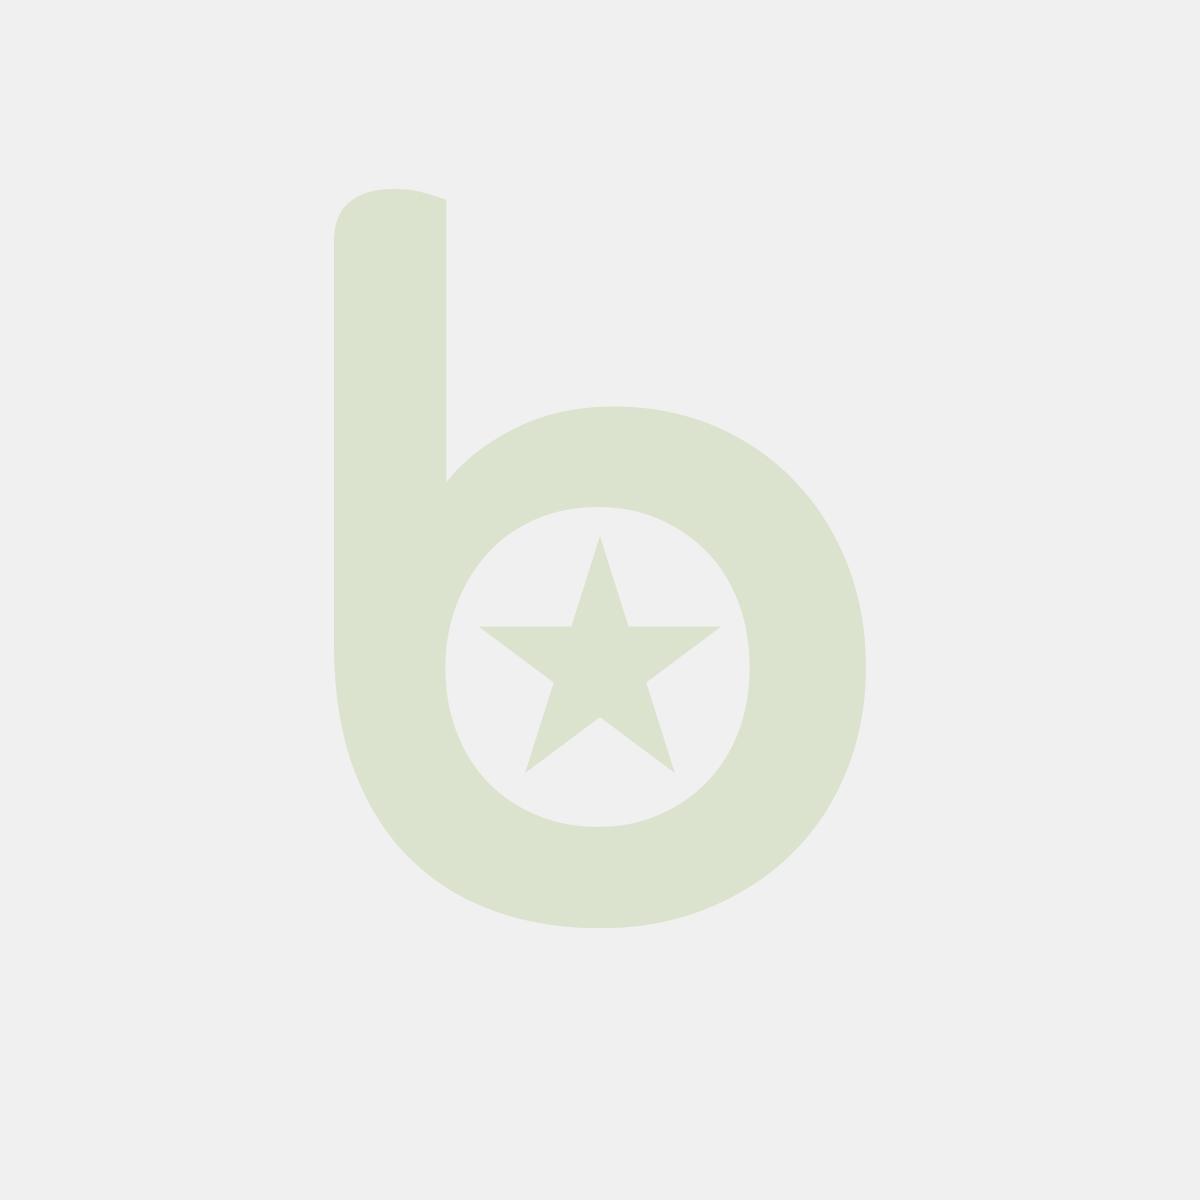 Chinabox 750ml nadruk RESTAURANT , cena za 25szt